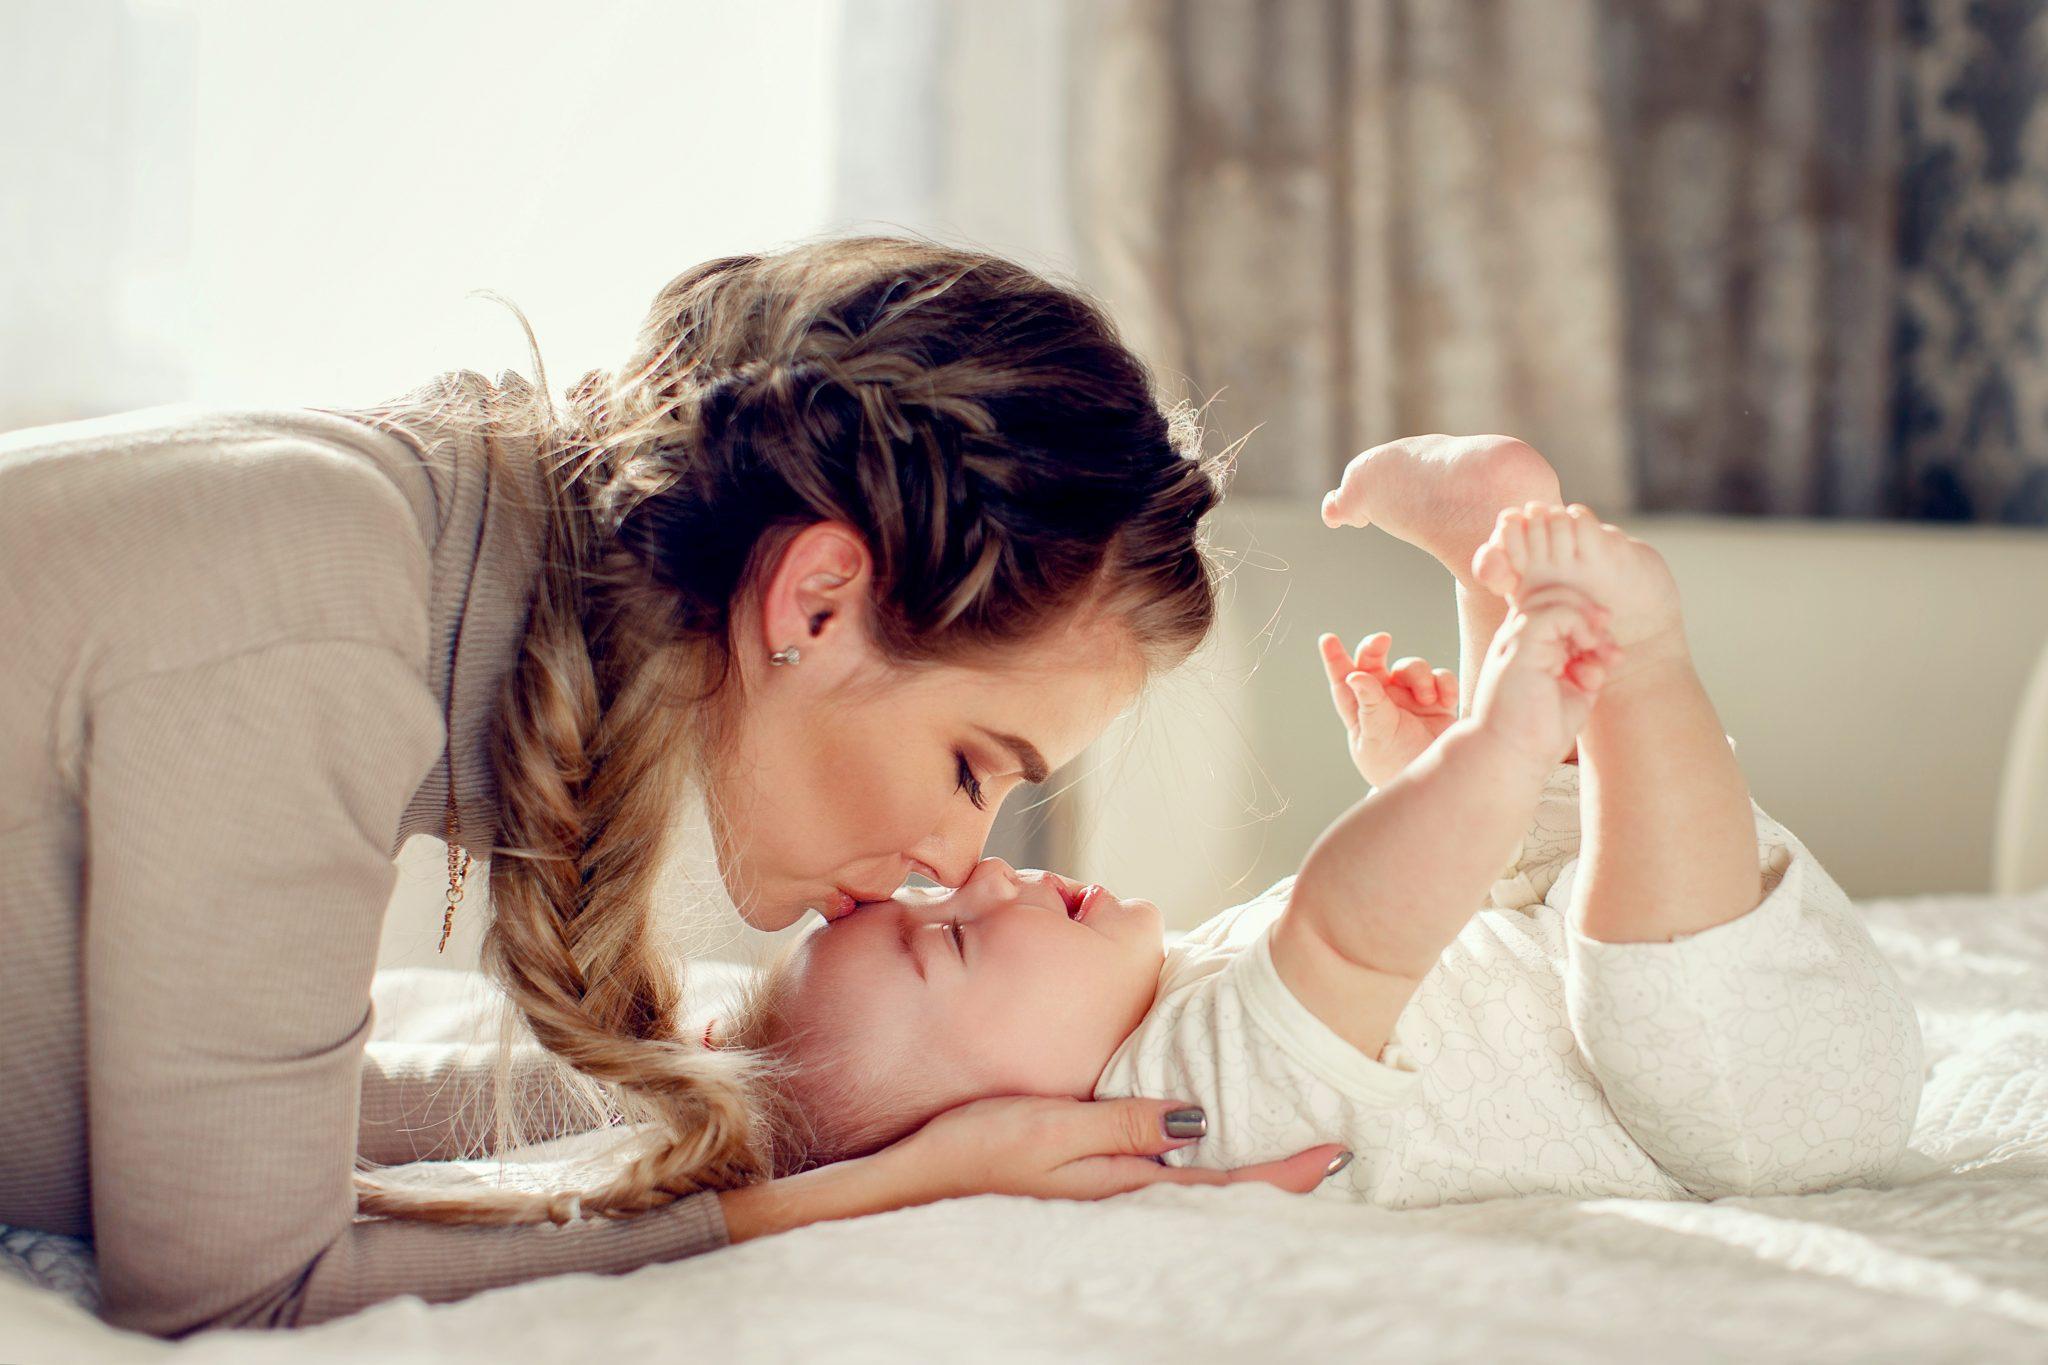 お母さんが赤ちゃんの額にキスをしている